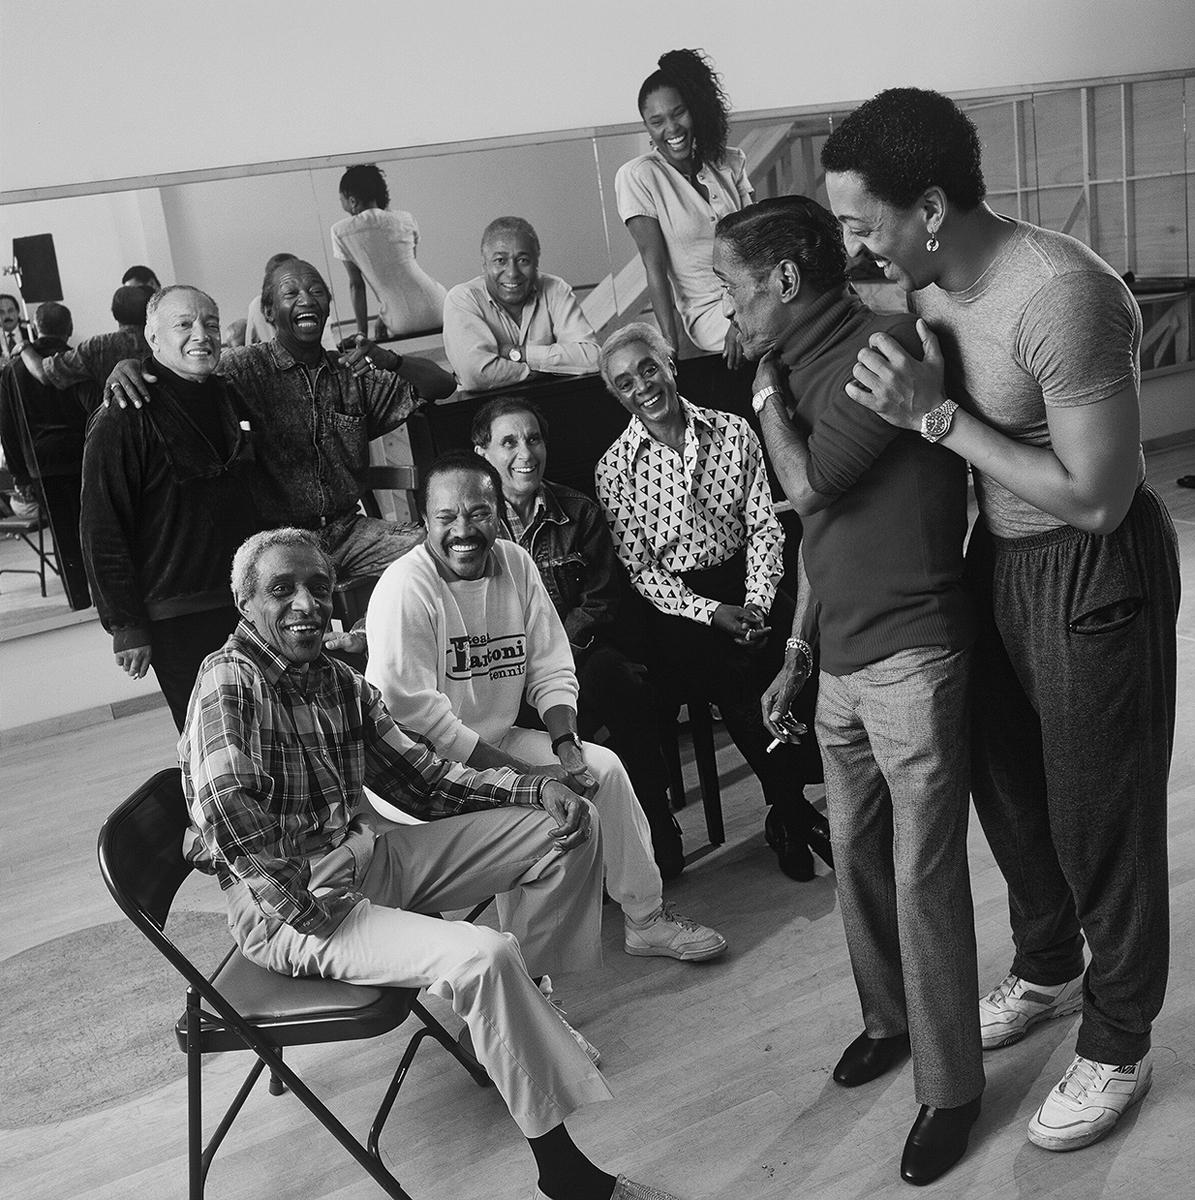 Sammy Davis Jr, Gregory Hines, Harold Nichols and Bunny Briggs